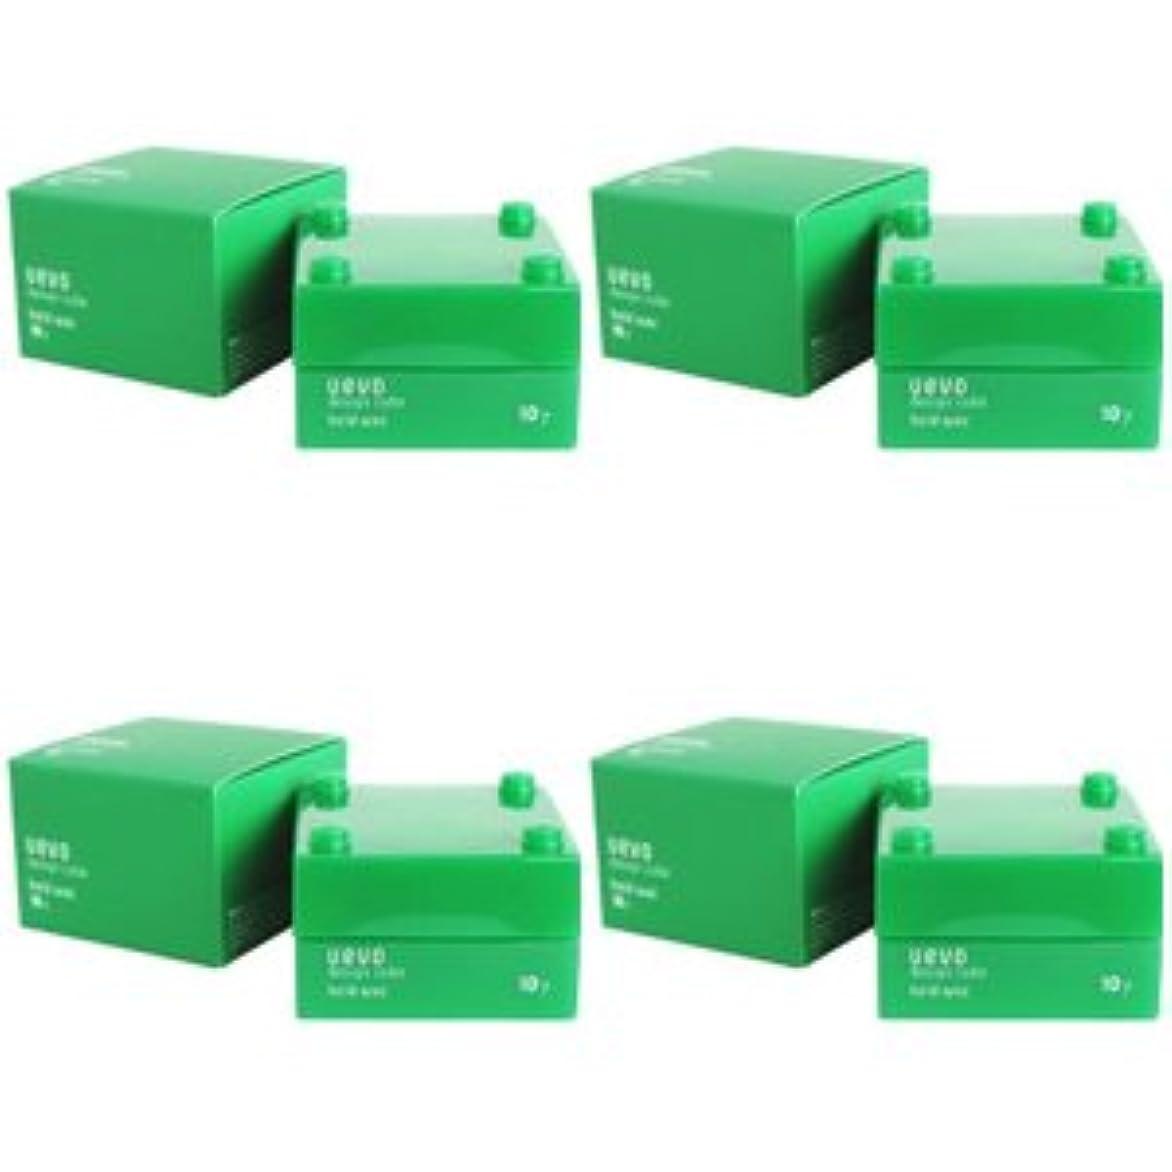 翻訳者認識別れる【X4個セット】 デミ ウェーボ デザインキューブ ホールドワックス 30g hold wax DEMI uevo design cube